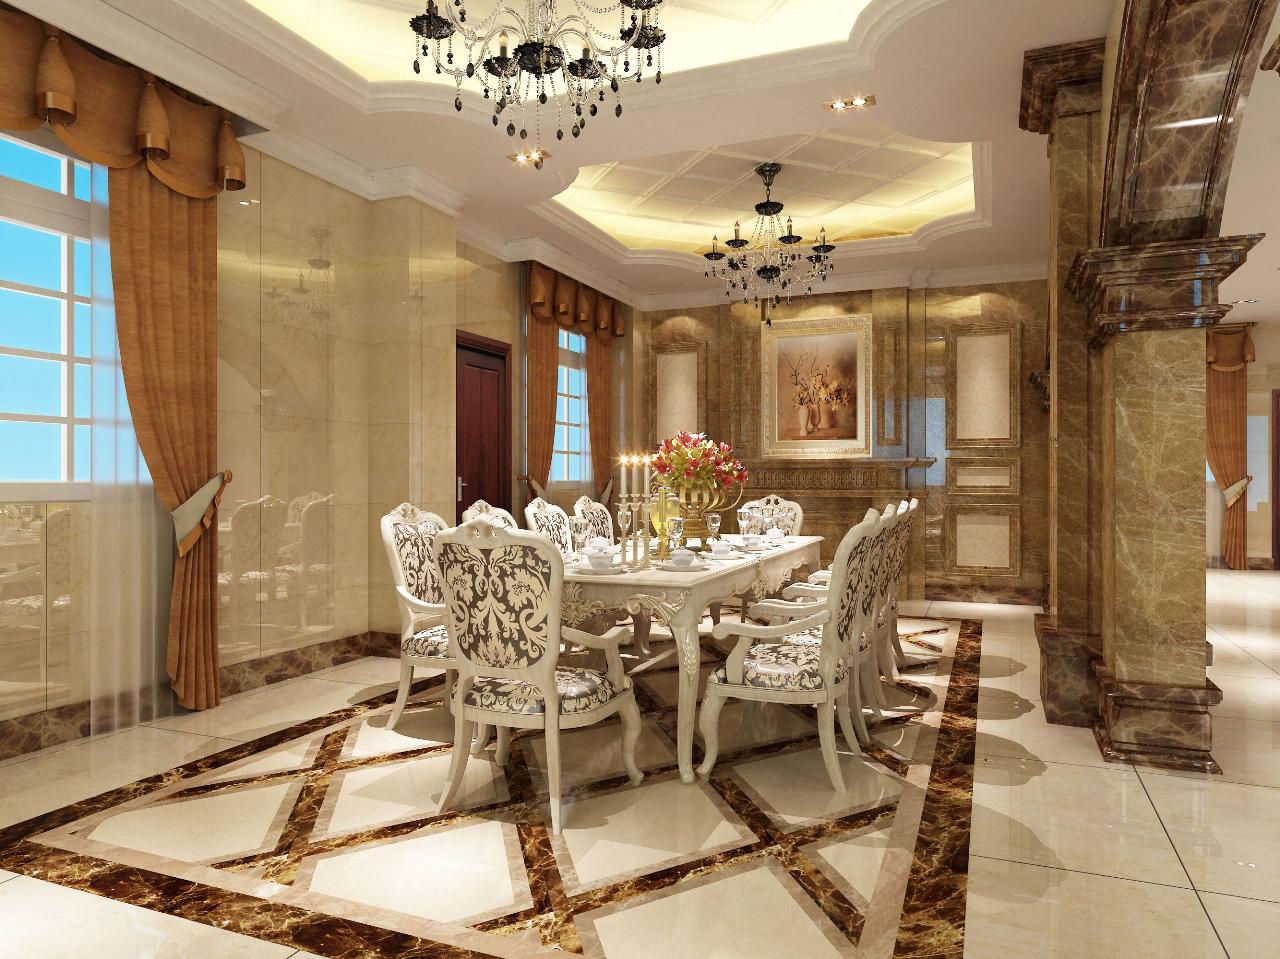 庄焕阳设计作品:莆田欧式别墅室内设计--庄焕阳设计-餐厅; 庄焕阳; 欧